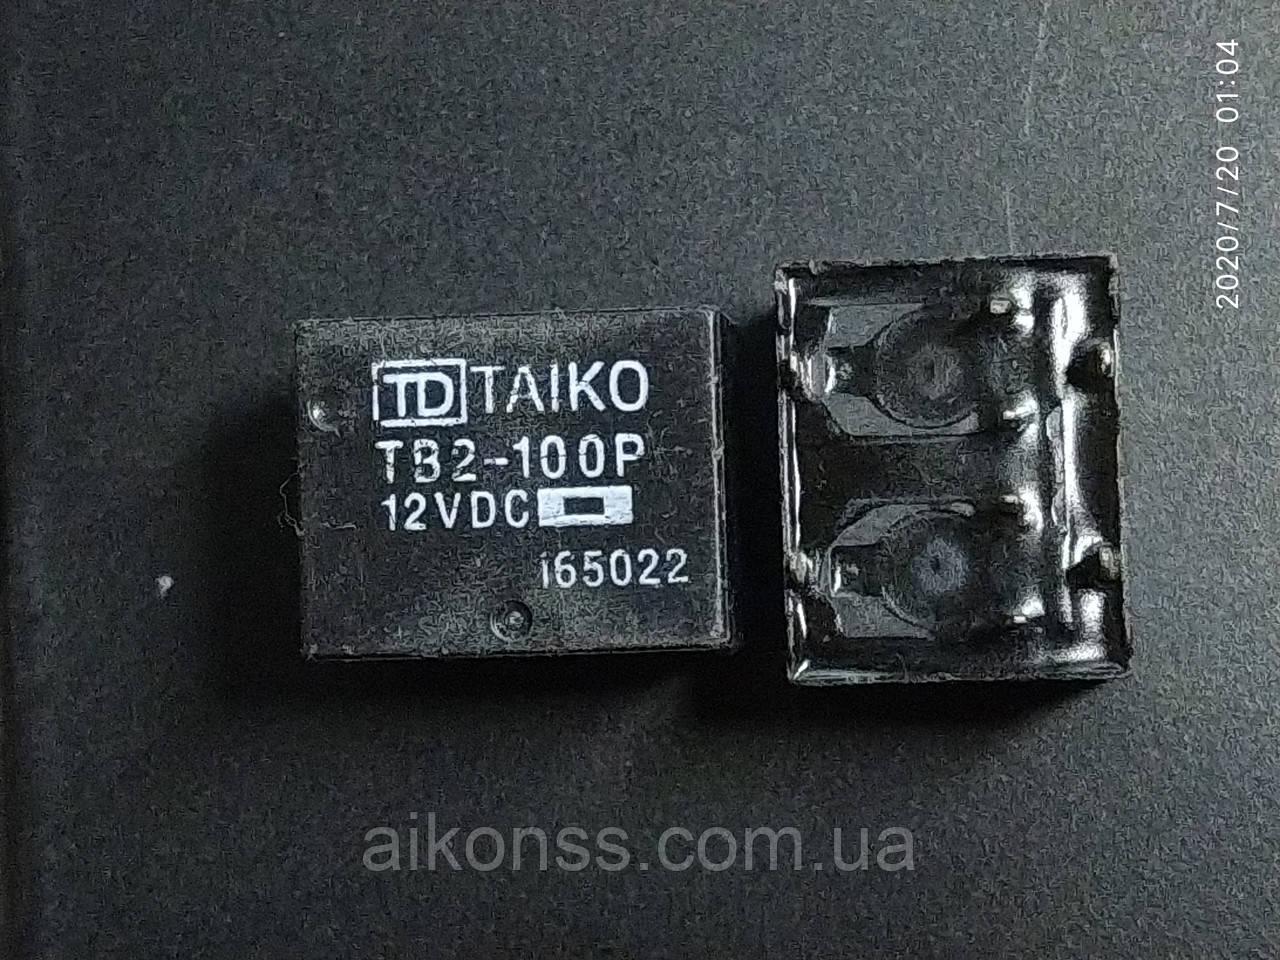 Реле автомобільне TAIKO TB2-100P Honda Accord 2.4 Corolla реле управління центрального замку